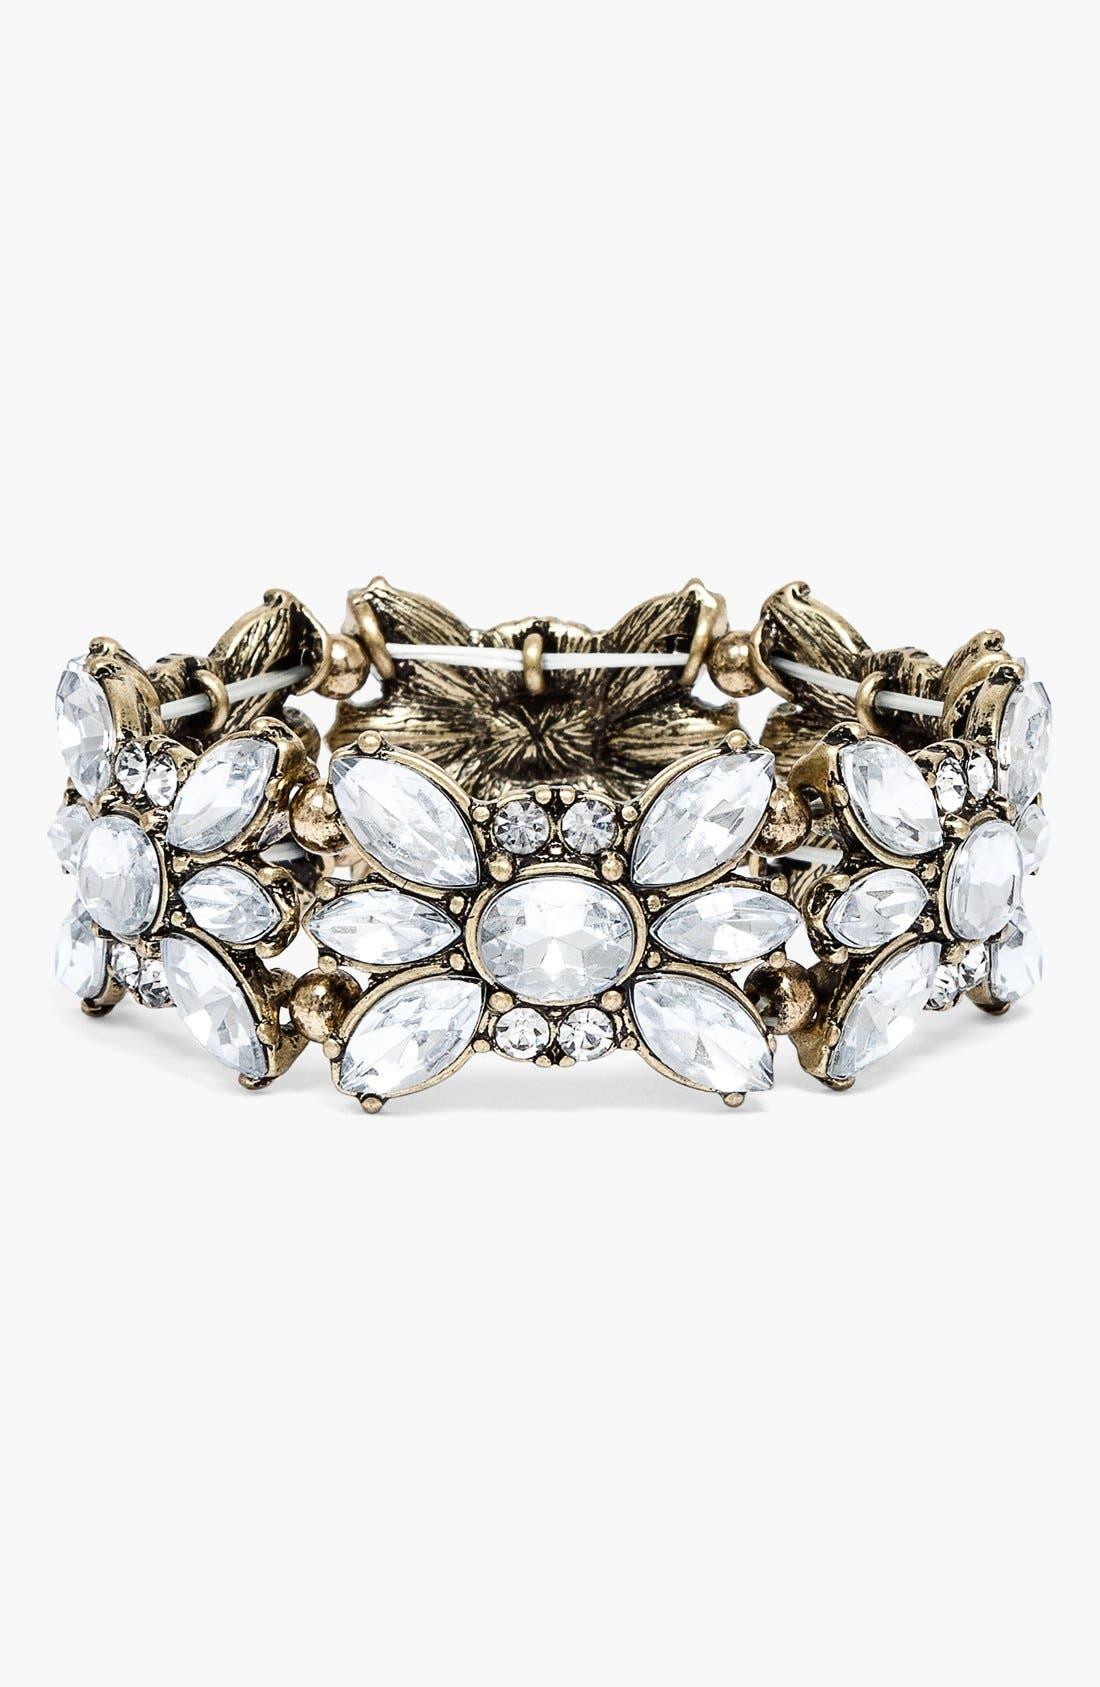 Main Image - BaubleBar Crystal Stretch Bracelet